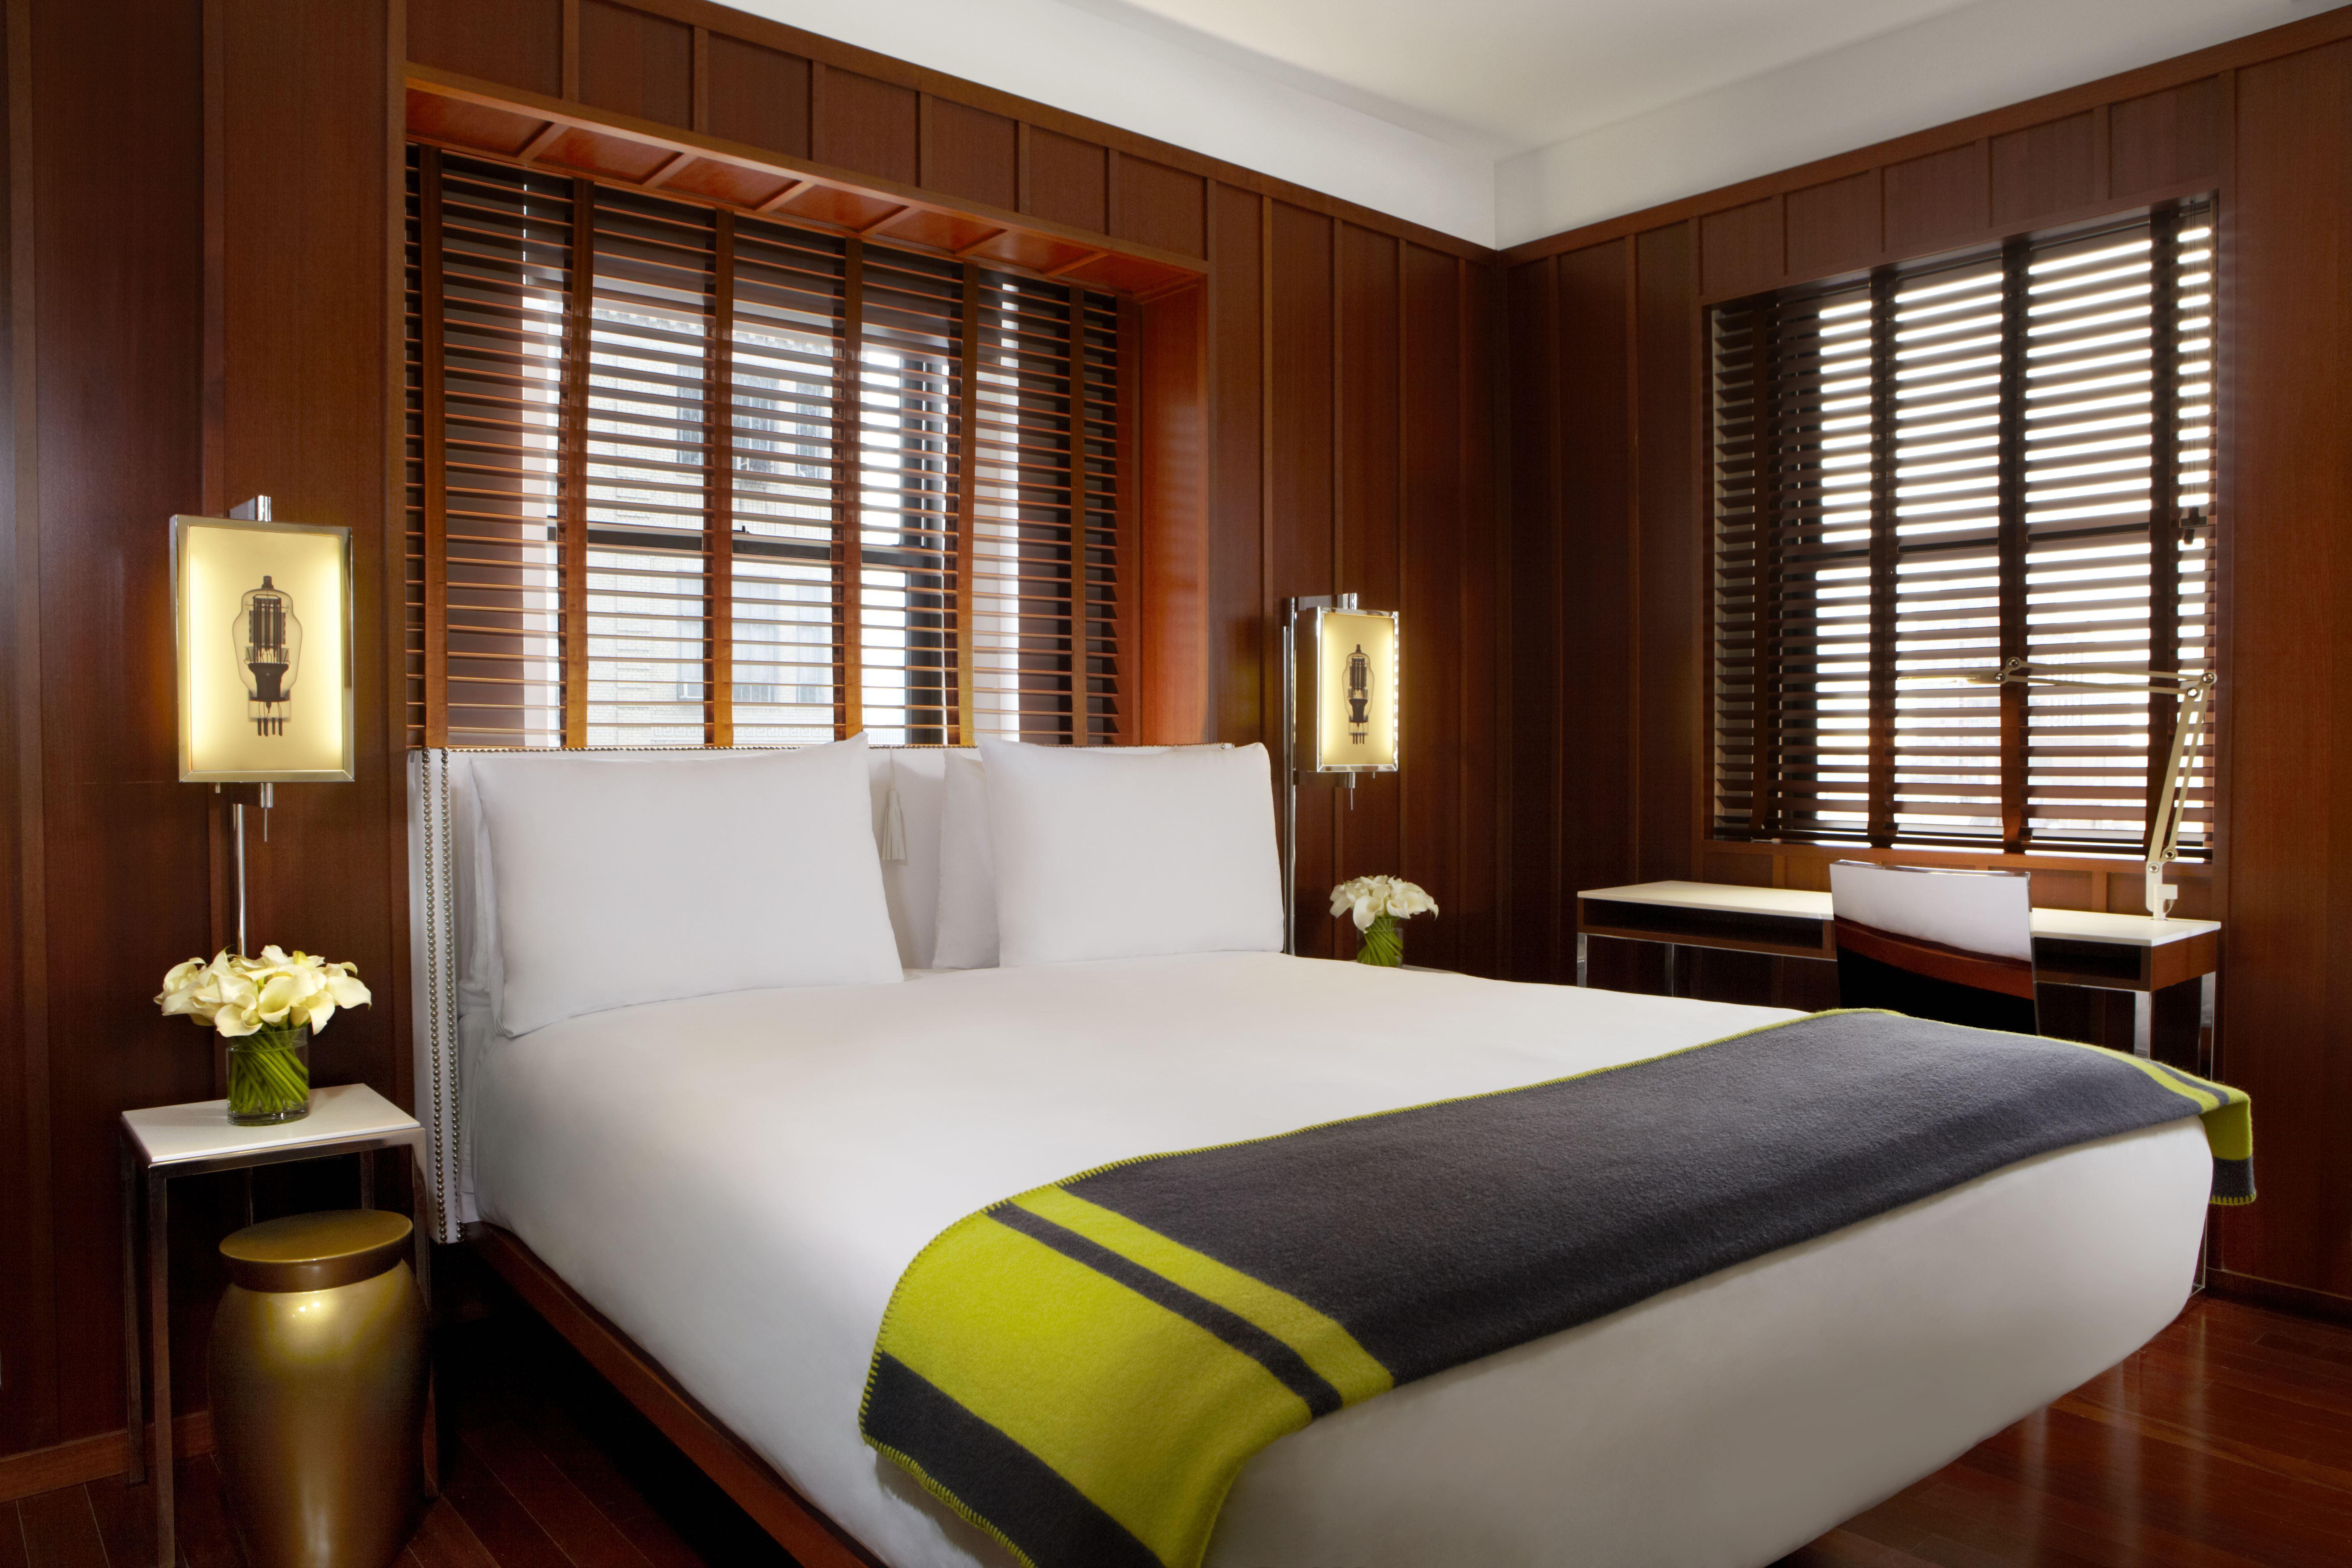 Hudson Hotel New York Marathonworld